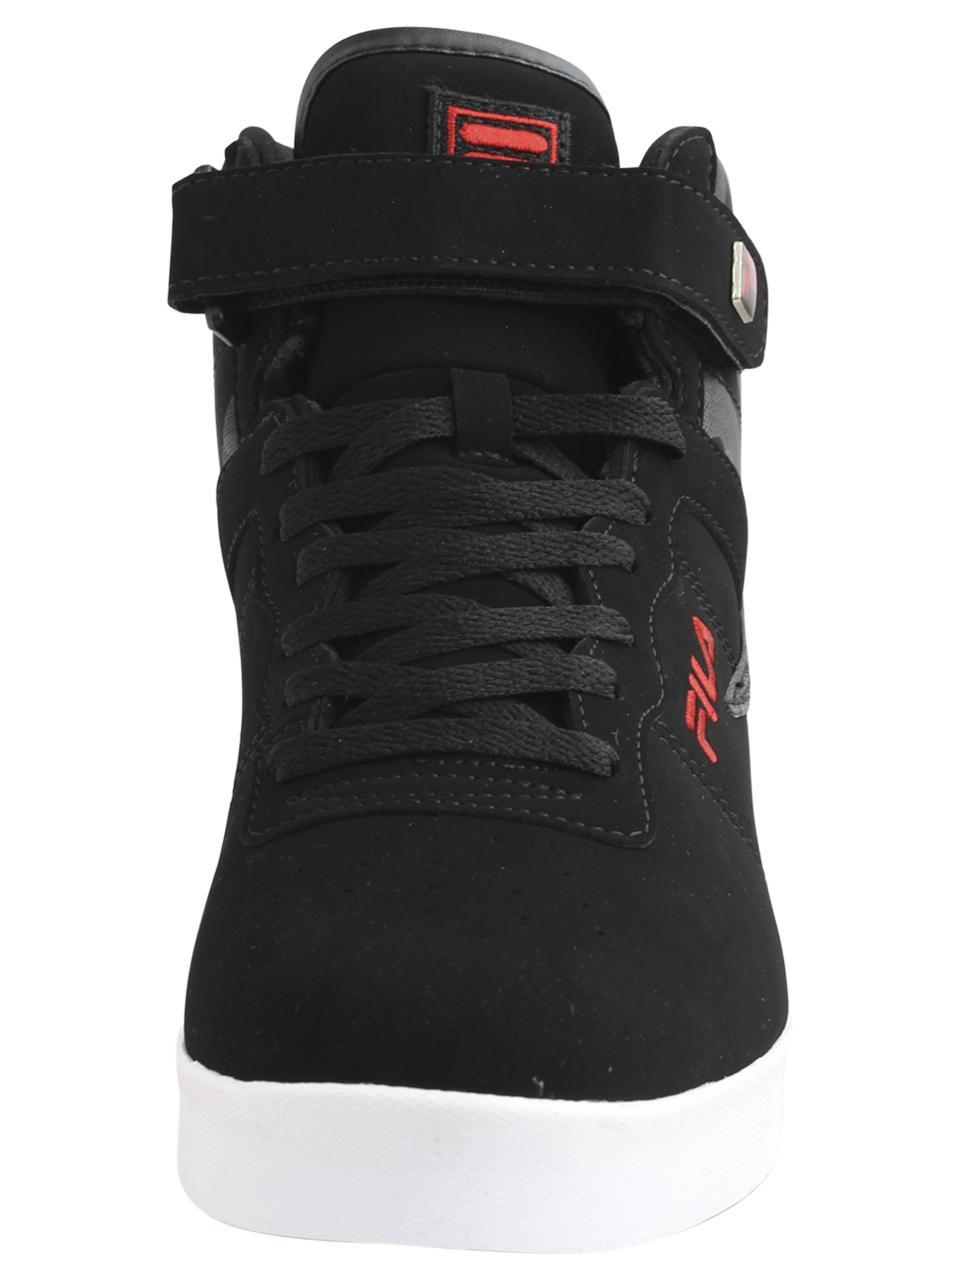 ceb1f4f7aeb1 Fila Men s Vulc-13-MP-Camo Sneakers Shoes